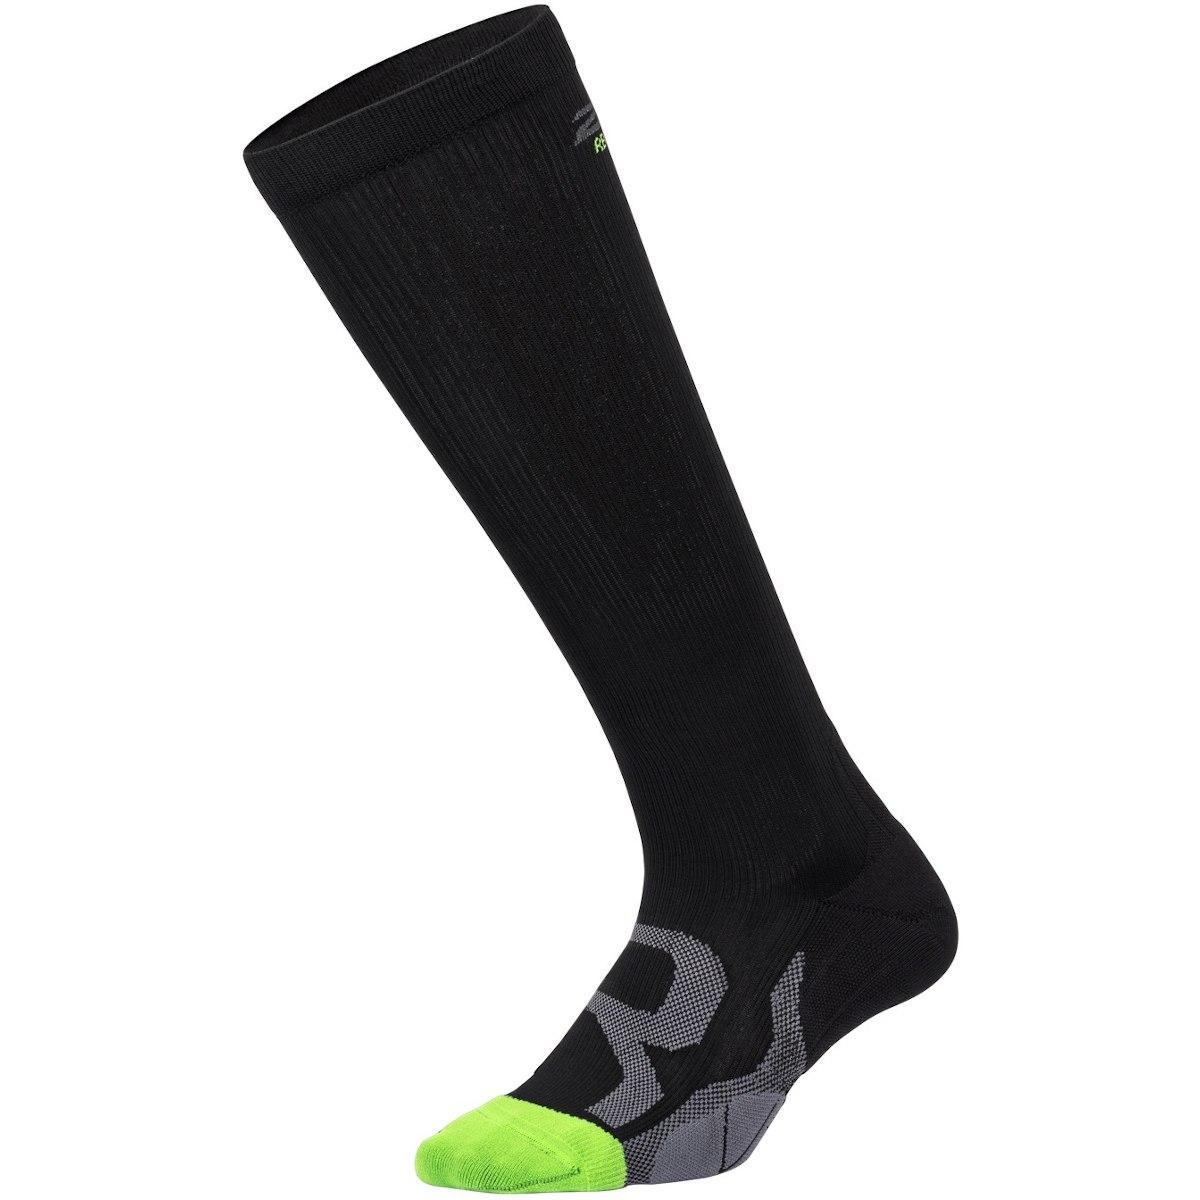 2XU Compression Calcetines para recuperación - estrecha - black